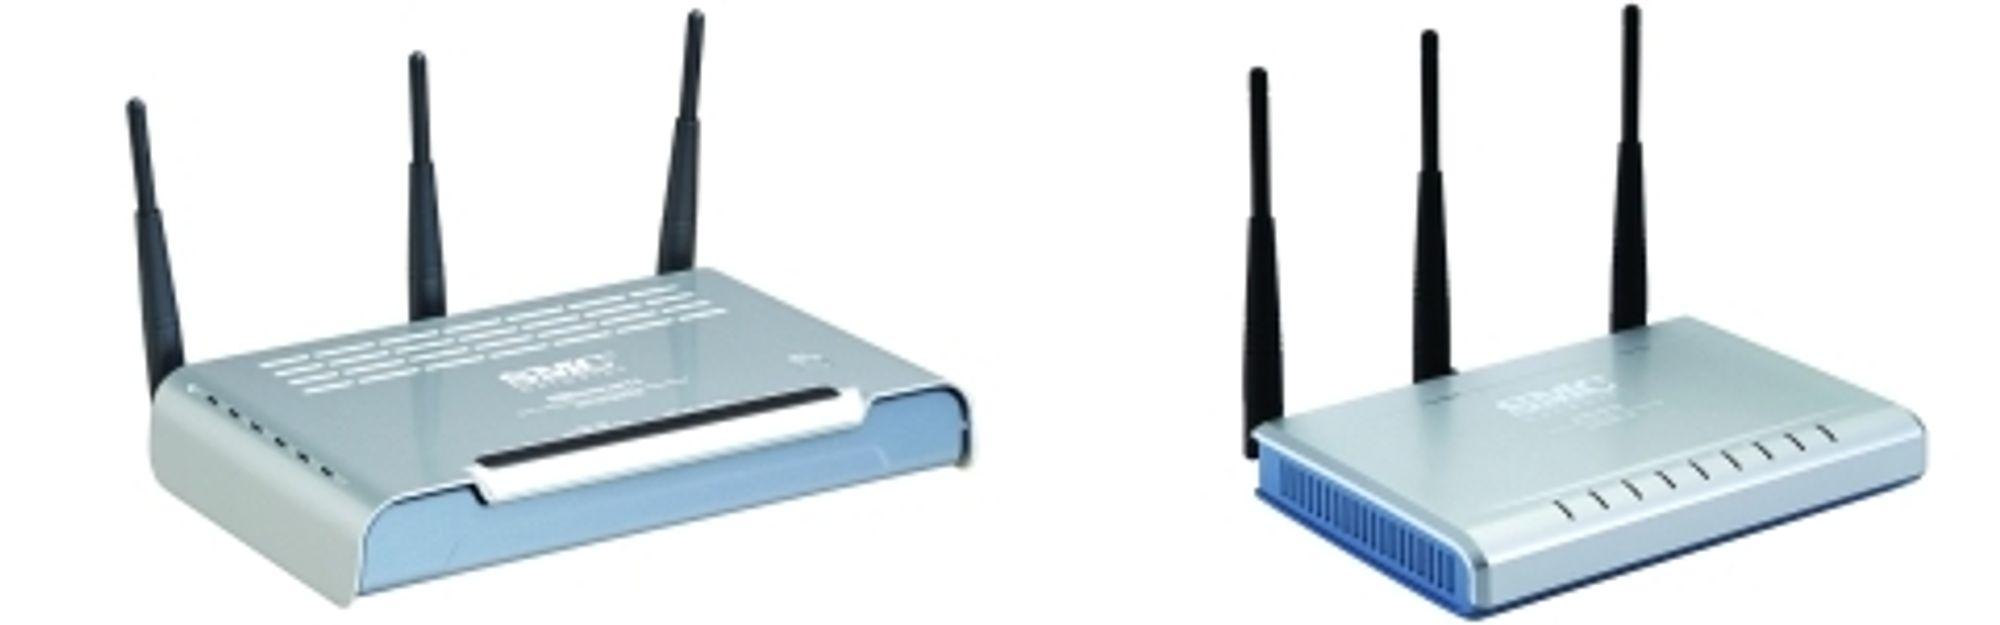 SMC7904WBRA-N ADSL2+ modemruter (t.v.) og SMCWBR14-N bredbåndsruter